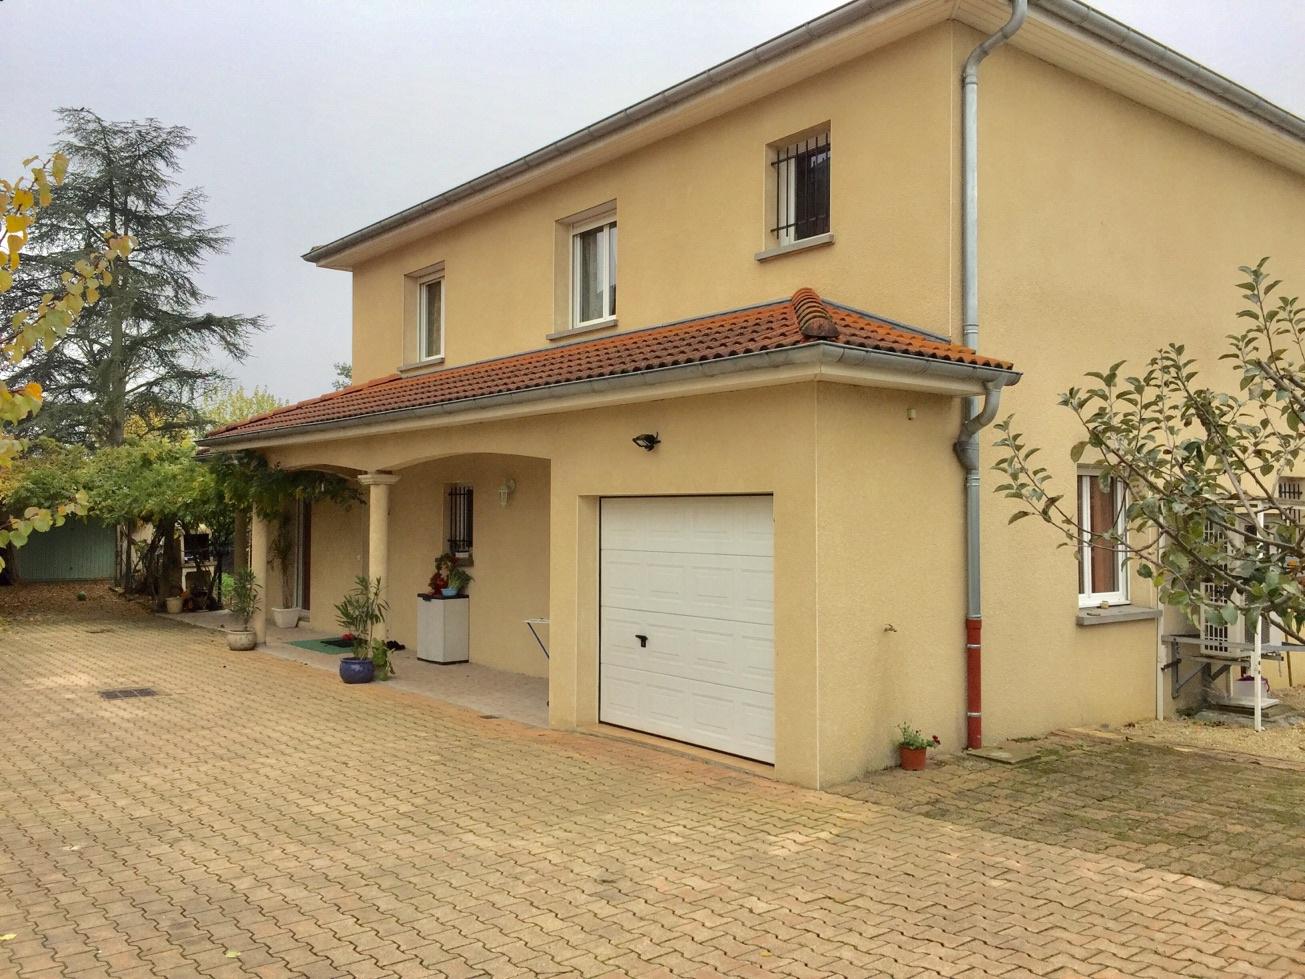 Annonce vente maison bourg en bresse 01000 141 m 280 000 992739053480 - Maison d arret bourg en bresse ...